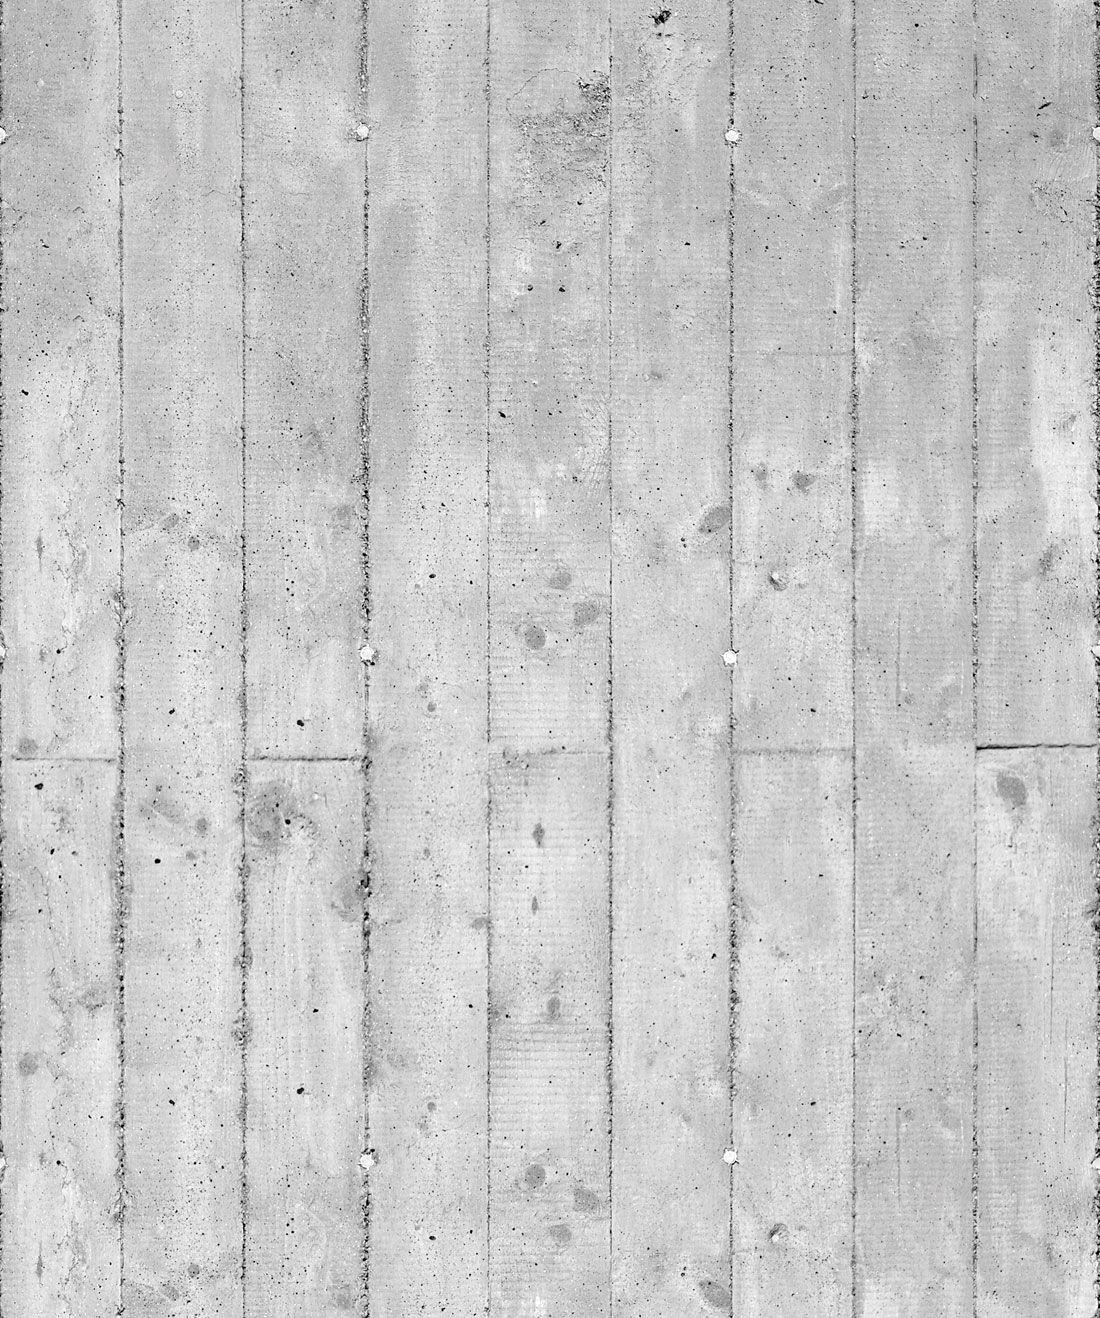 White Brick Wall Wallpaper White Hd Wallpaper Brick Hd Wallpapers White Brick Walls White Brick Wallpaper Brick Wallpaper Hd